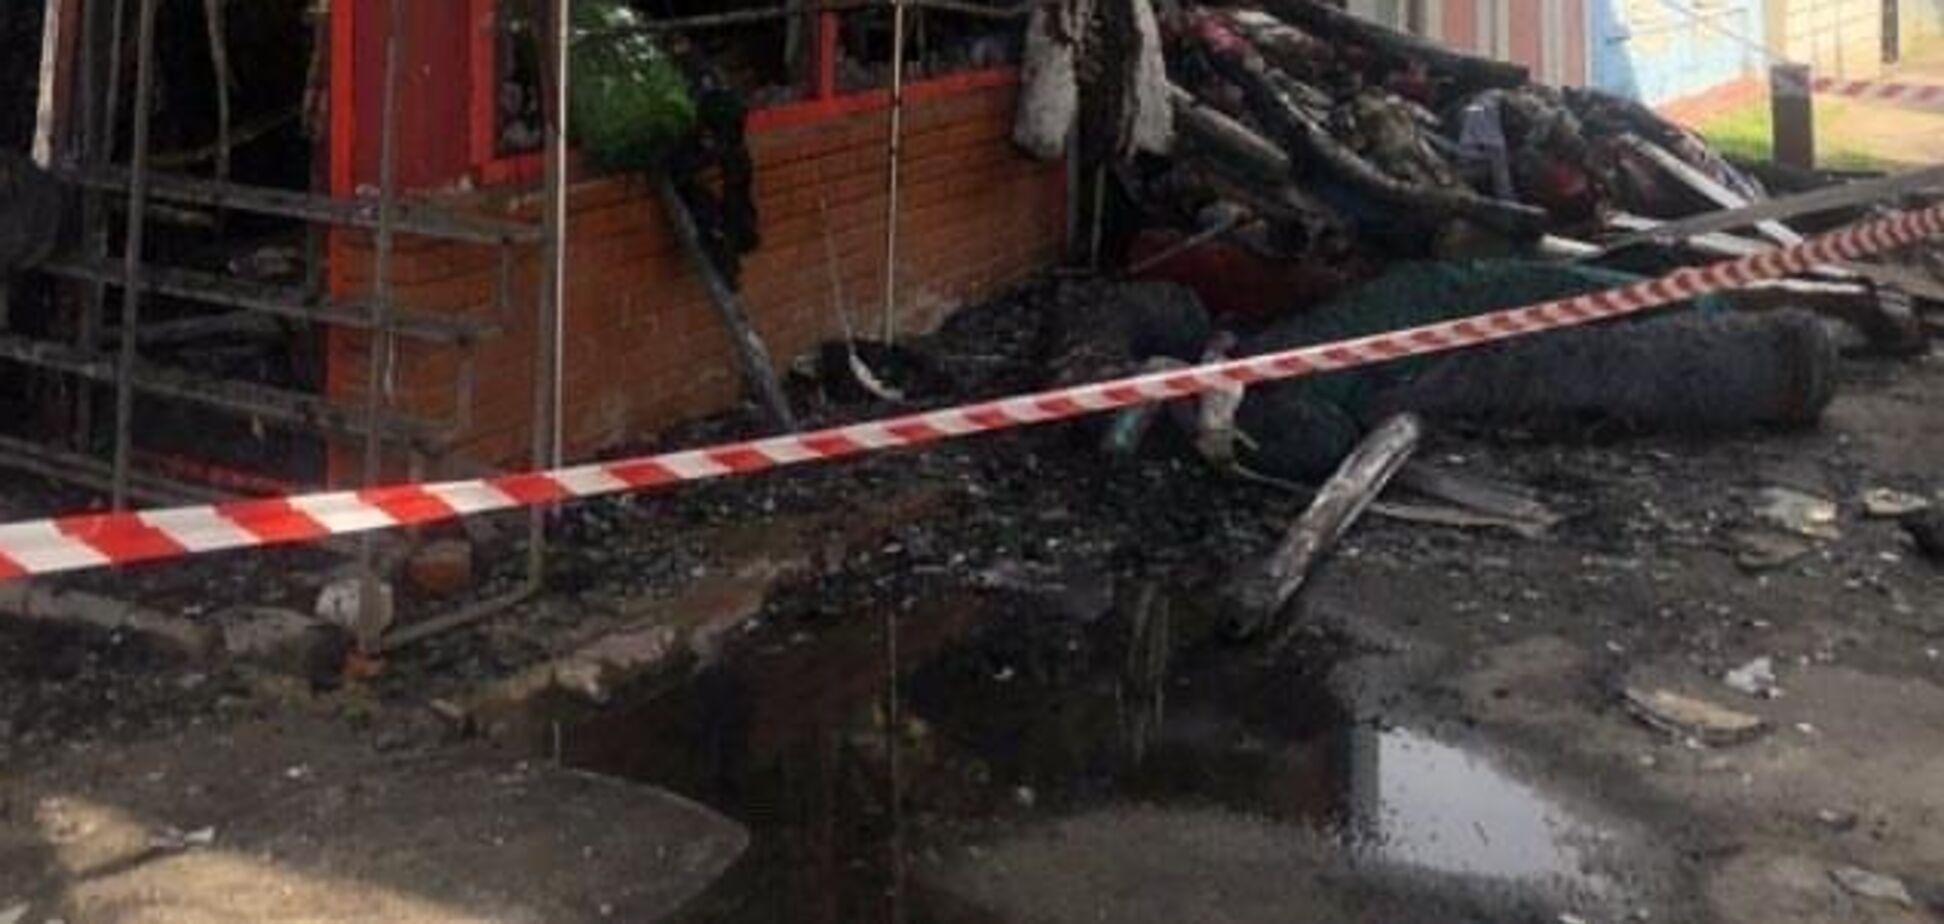 На рынке Барабашово в Харькове произошел пожар: выгорело несколько павильонов. Фото